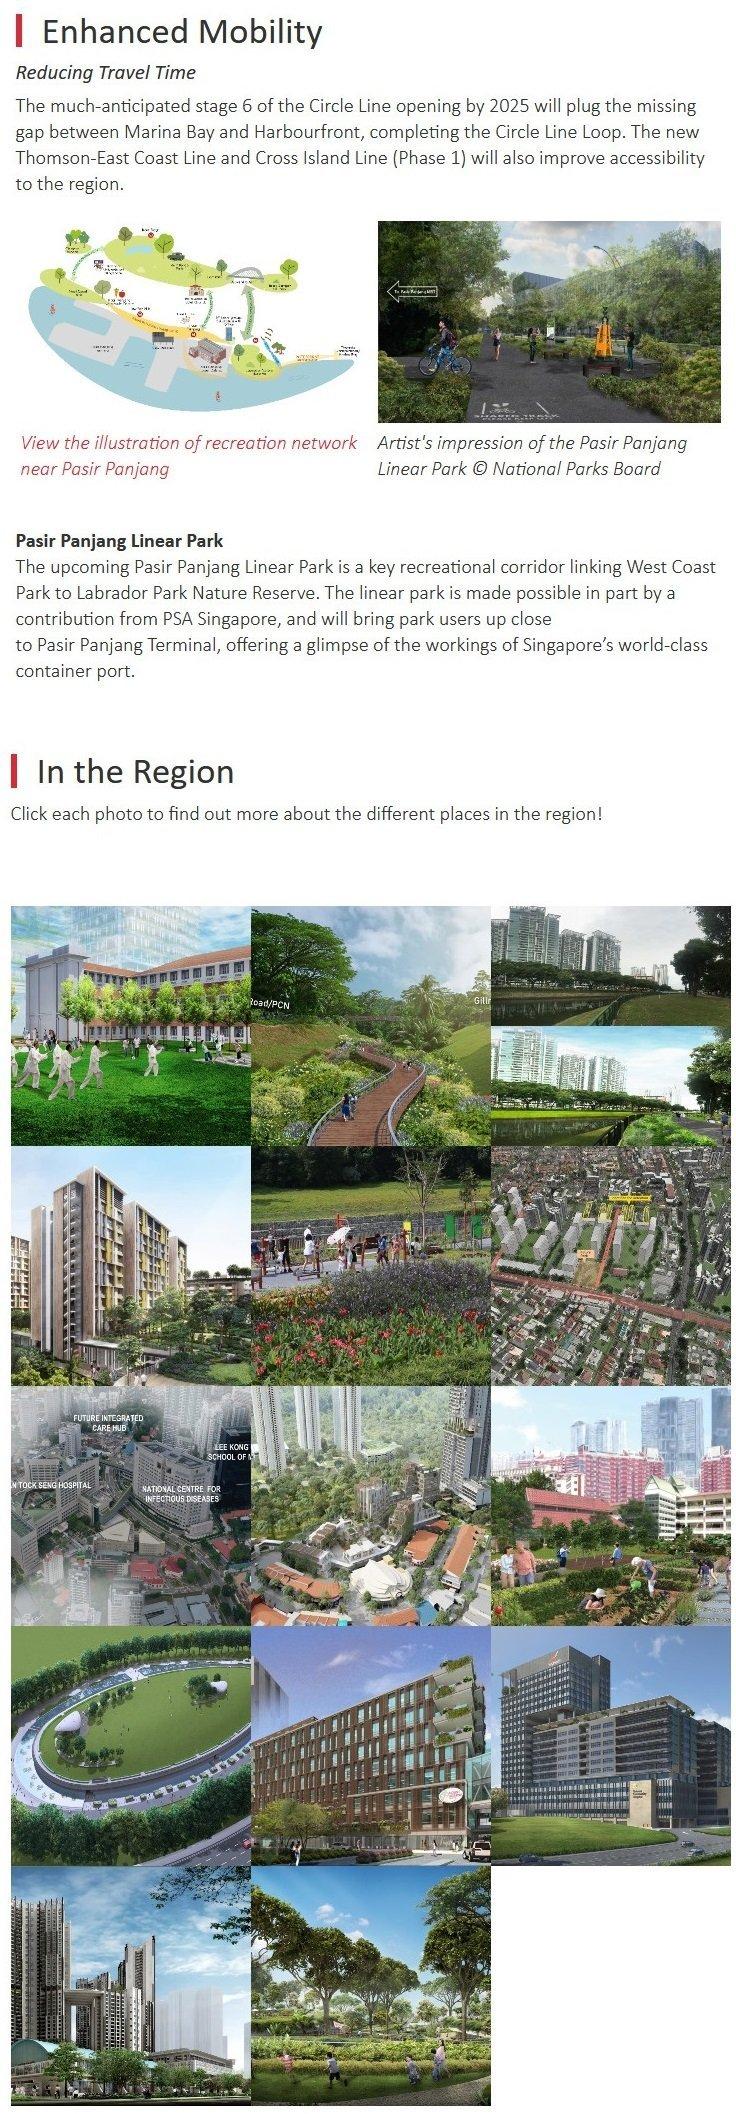 URA Master Plan - Central Region